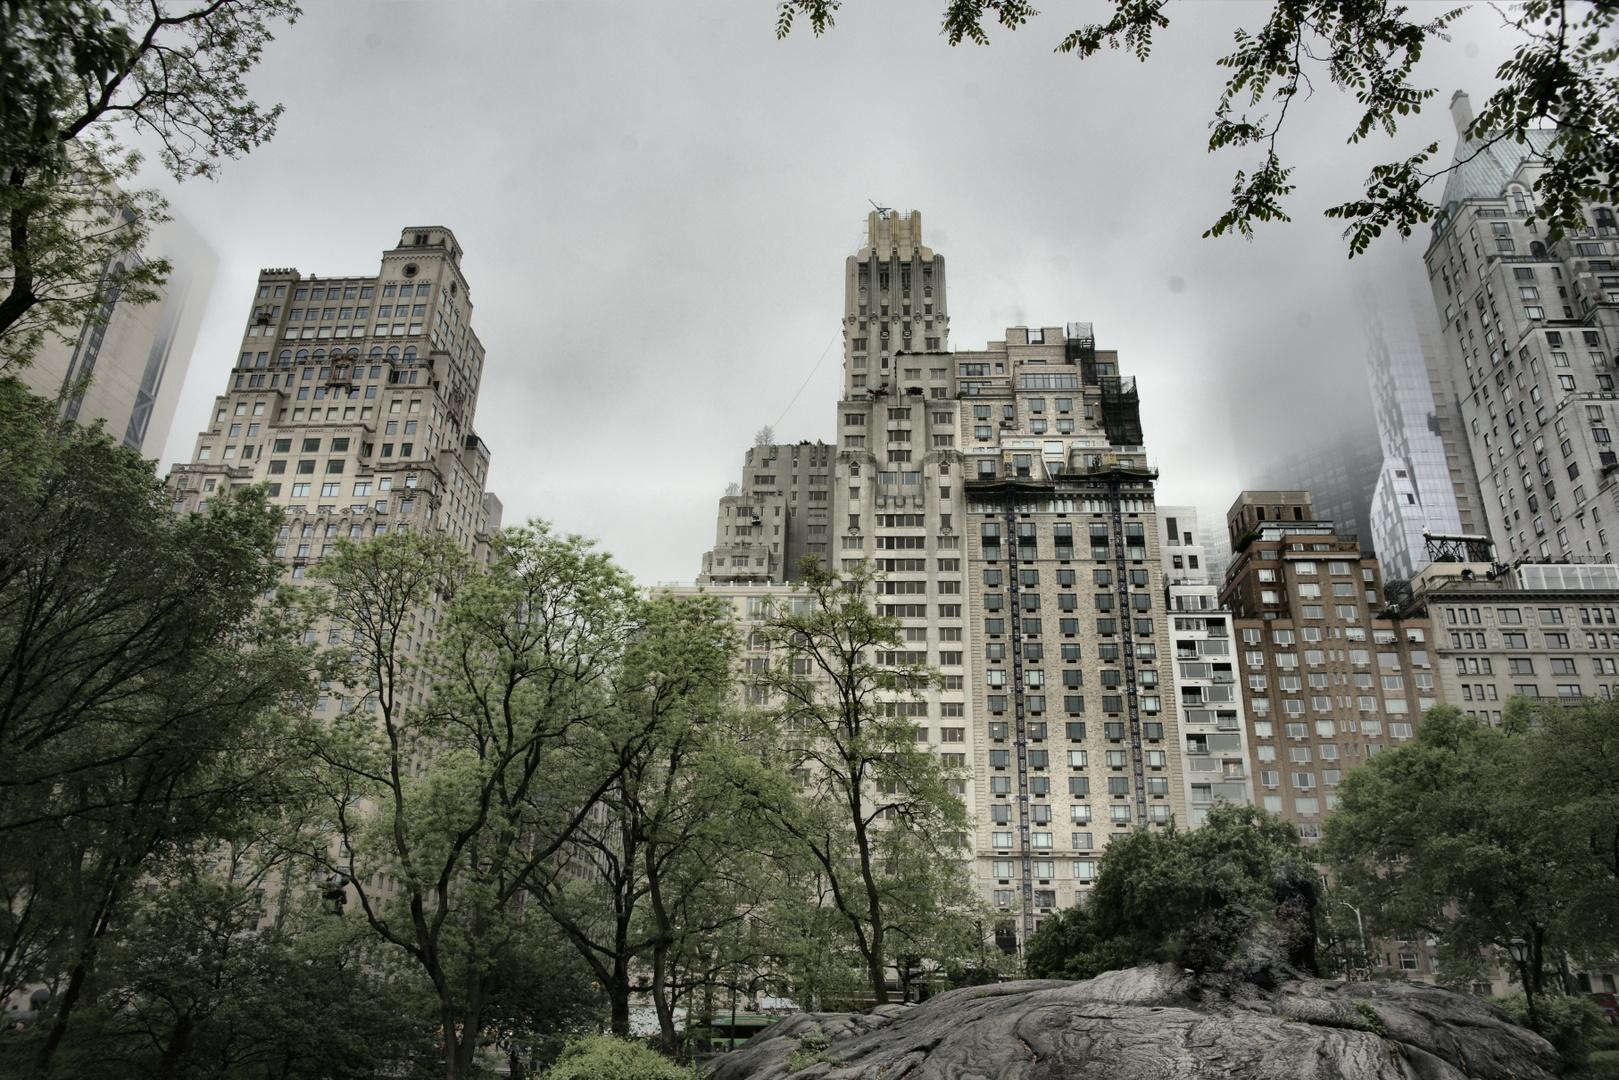 NY Central Park III